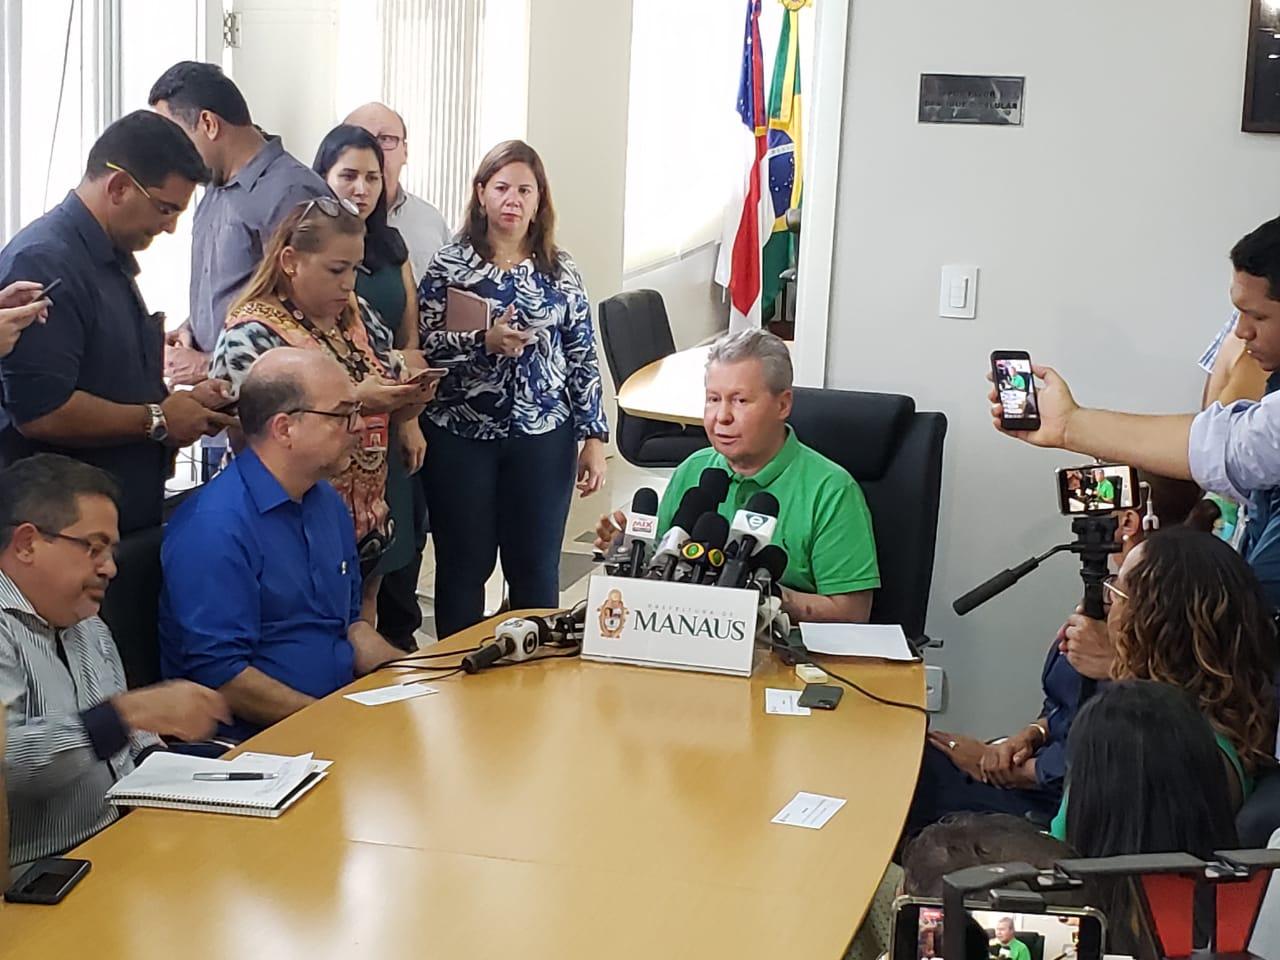 COMUNICADO URGENTE – Prefeito anuncia novas medidas emergenciais de prevenção à Covid-19 na capital